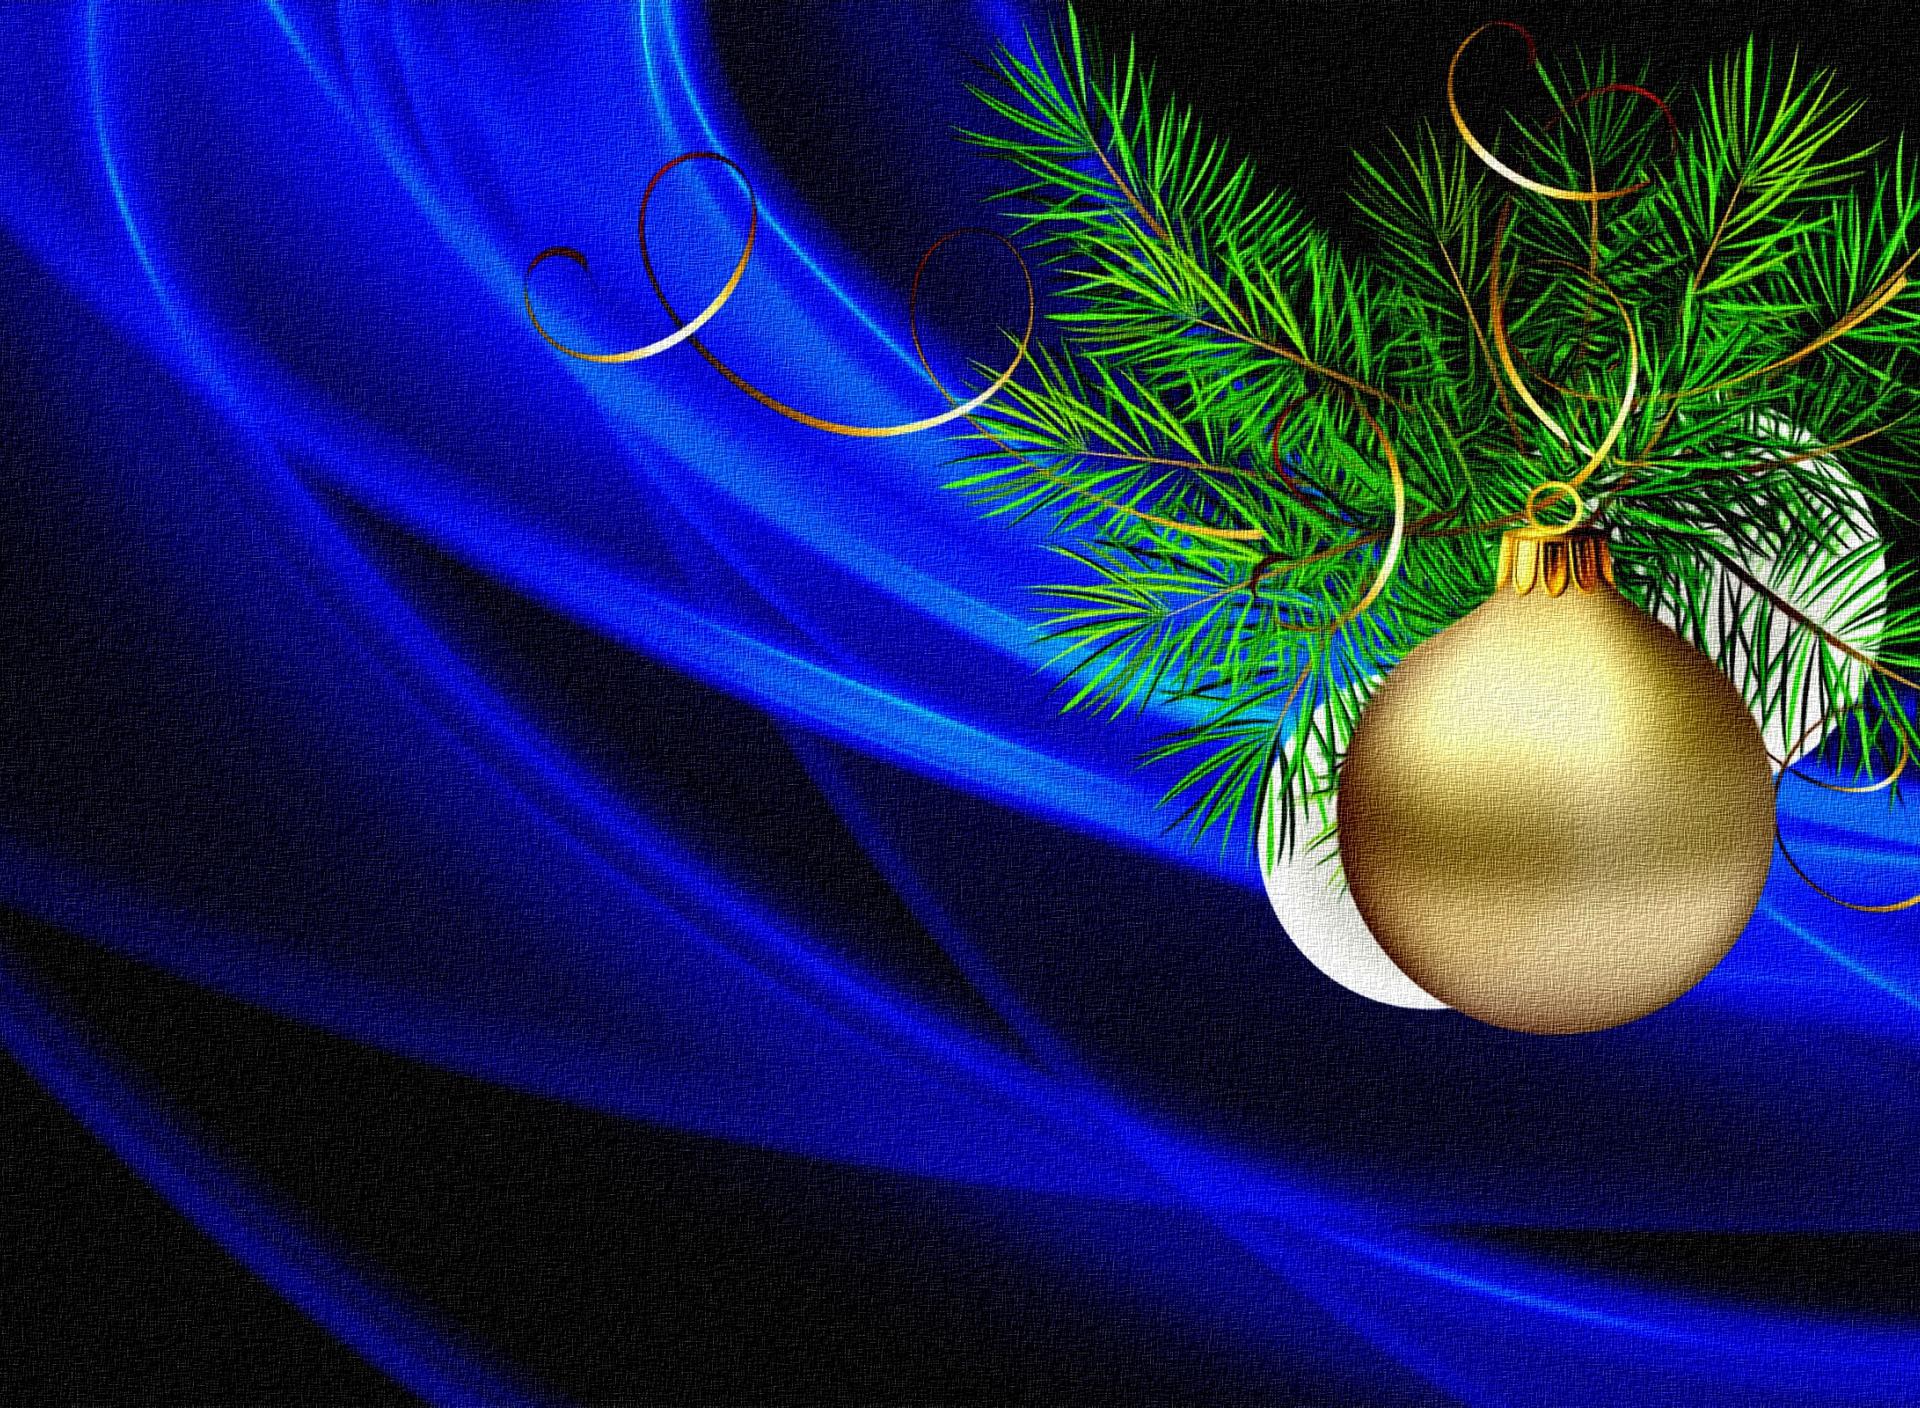 открытки с новым годом на синем фоне способны растрогать, развеселить